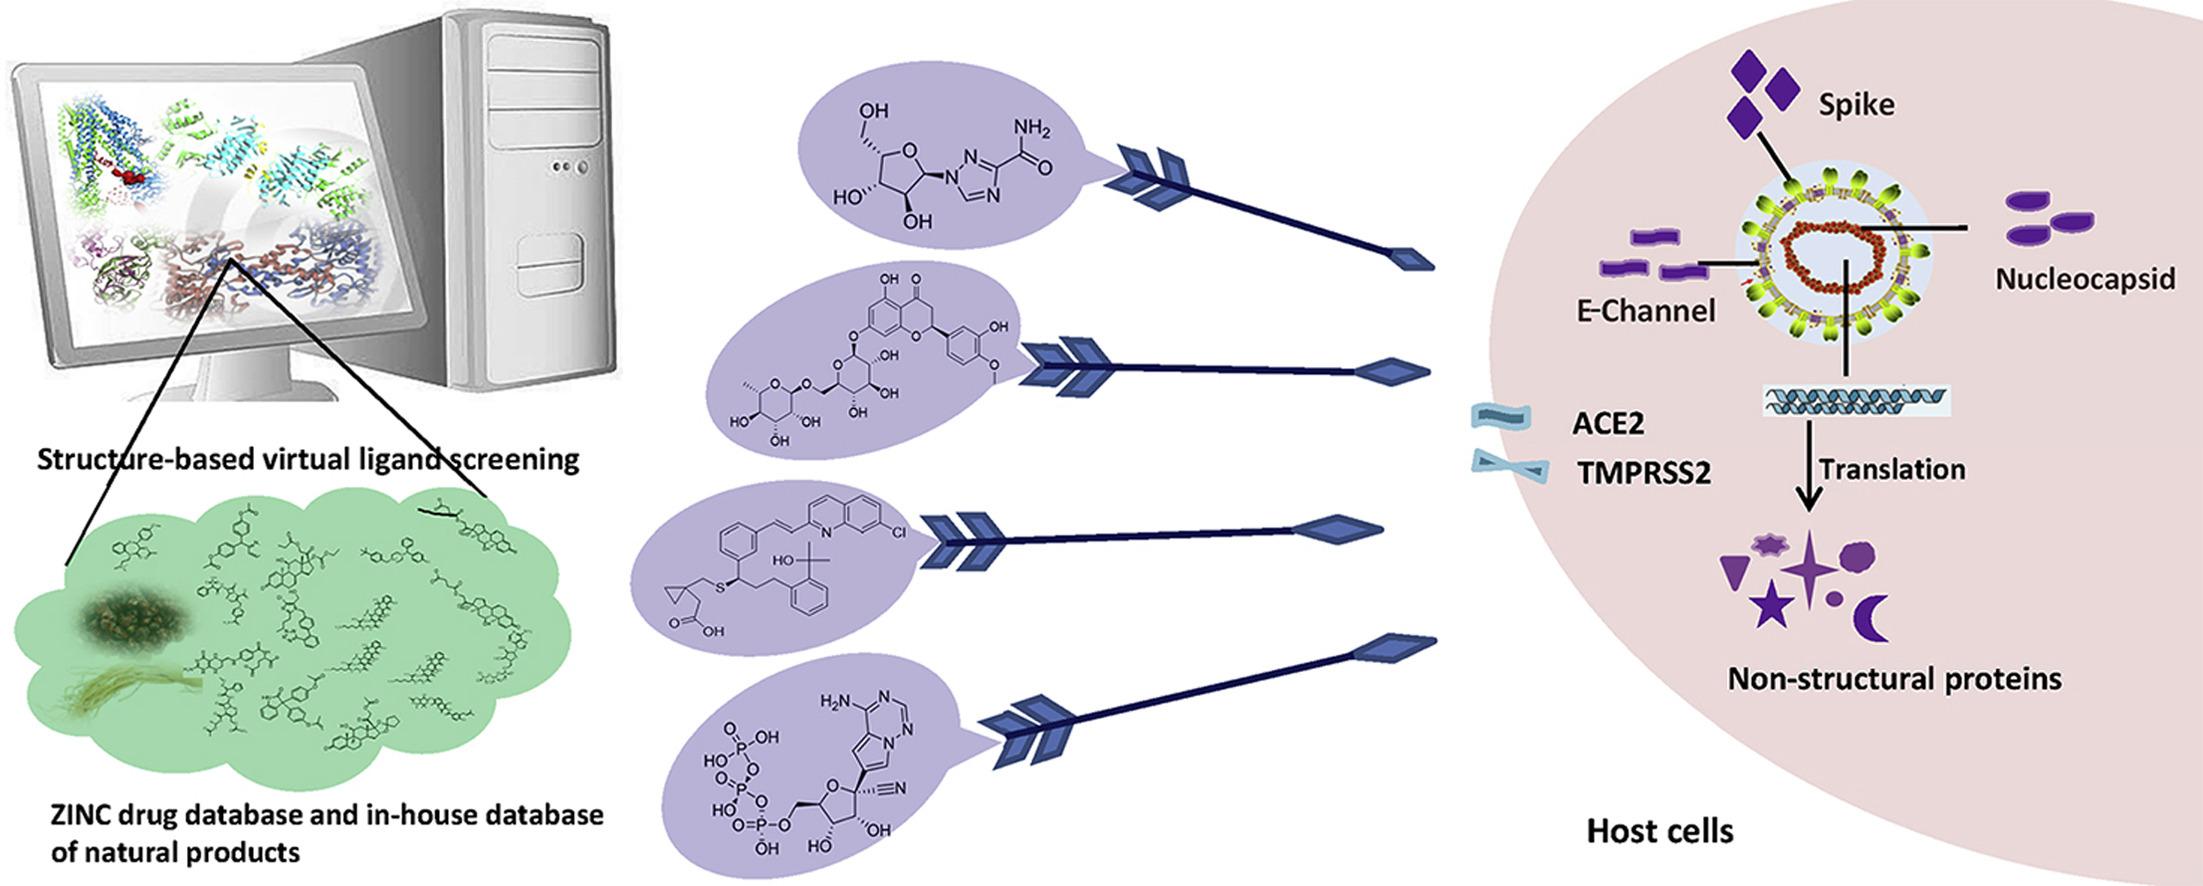 infografica: analisi di bersagli terapeutici per SARS-CoV-2 e scoperta di potenziali farmaci mediante metodi computazionali